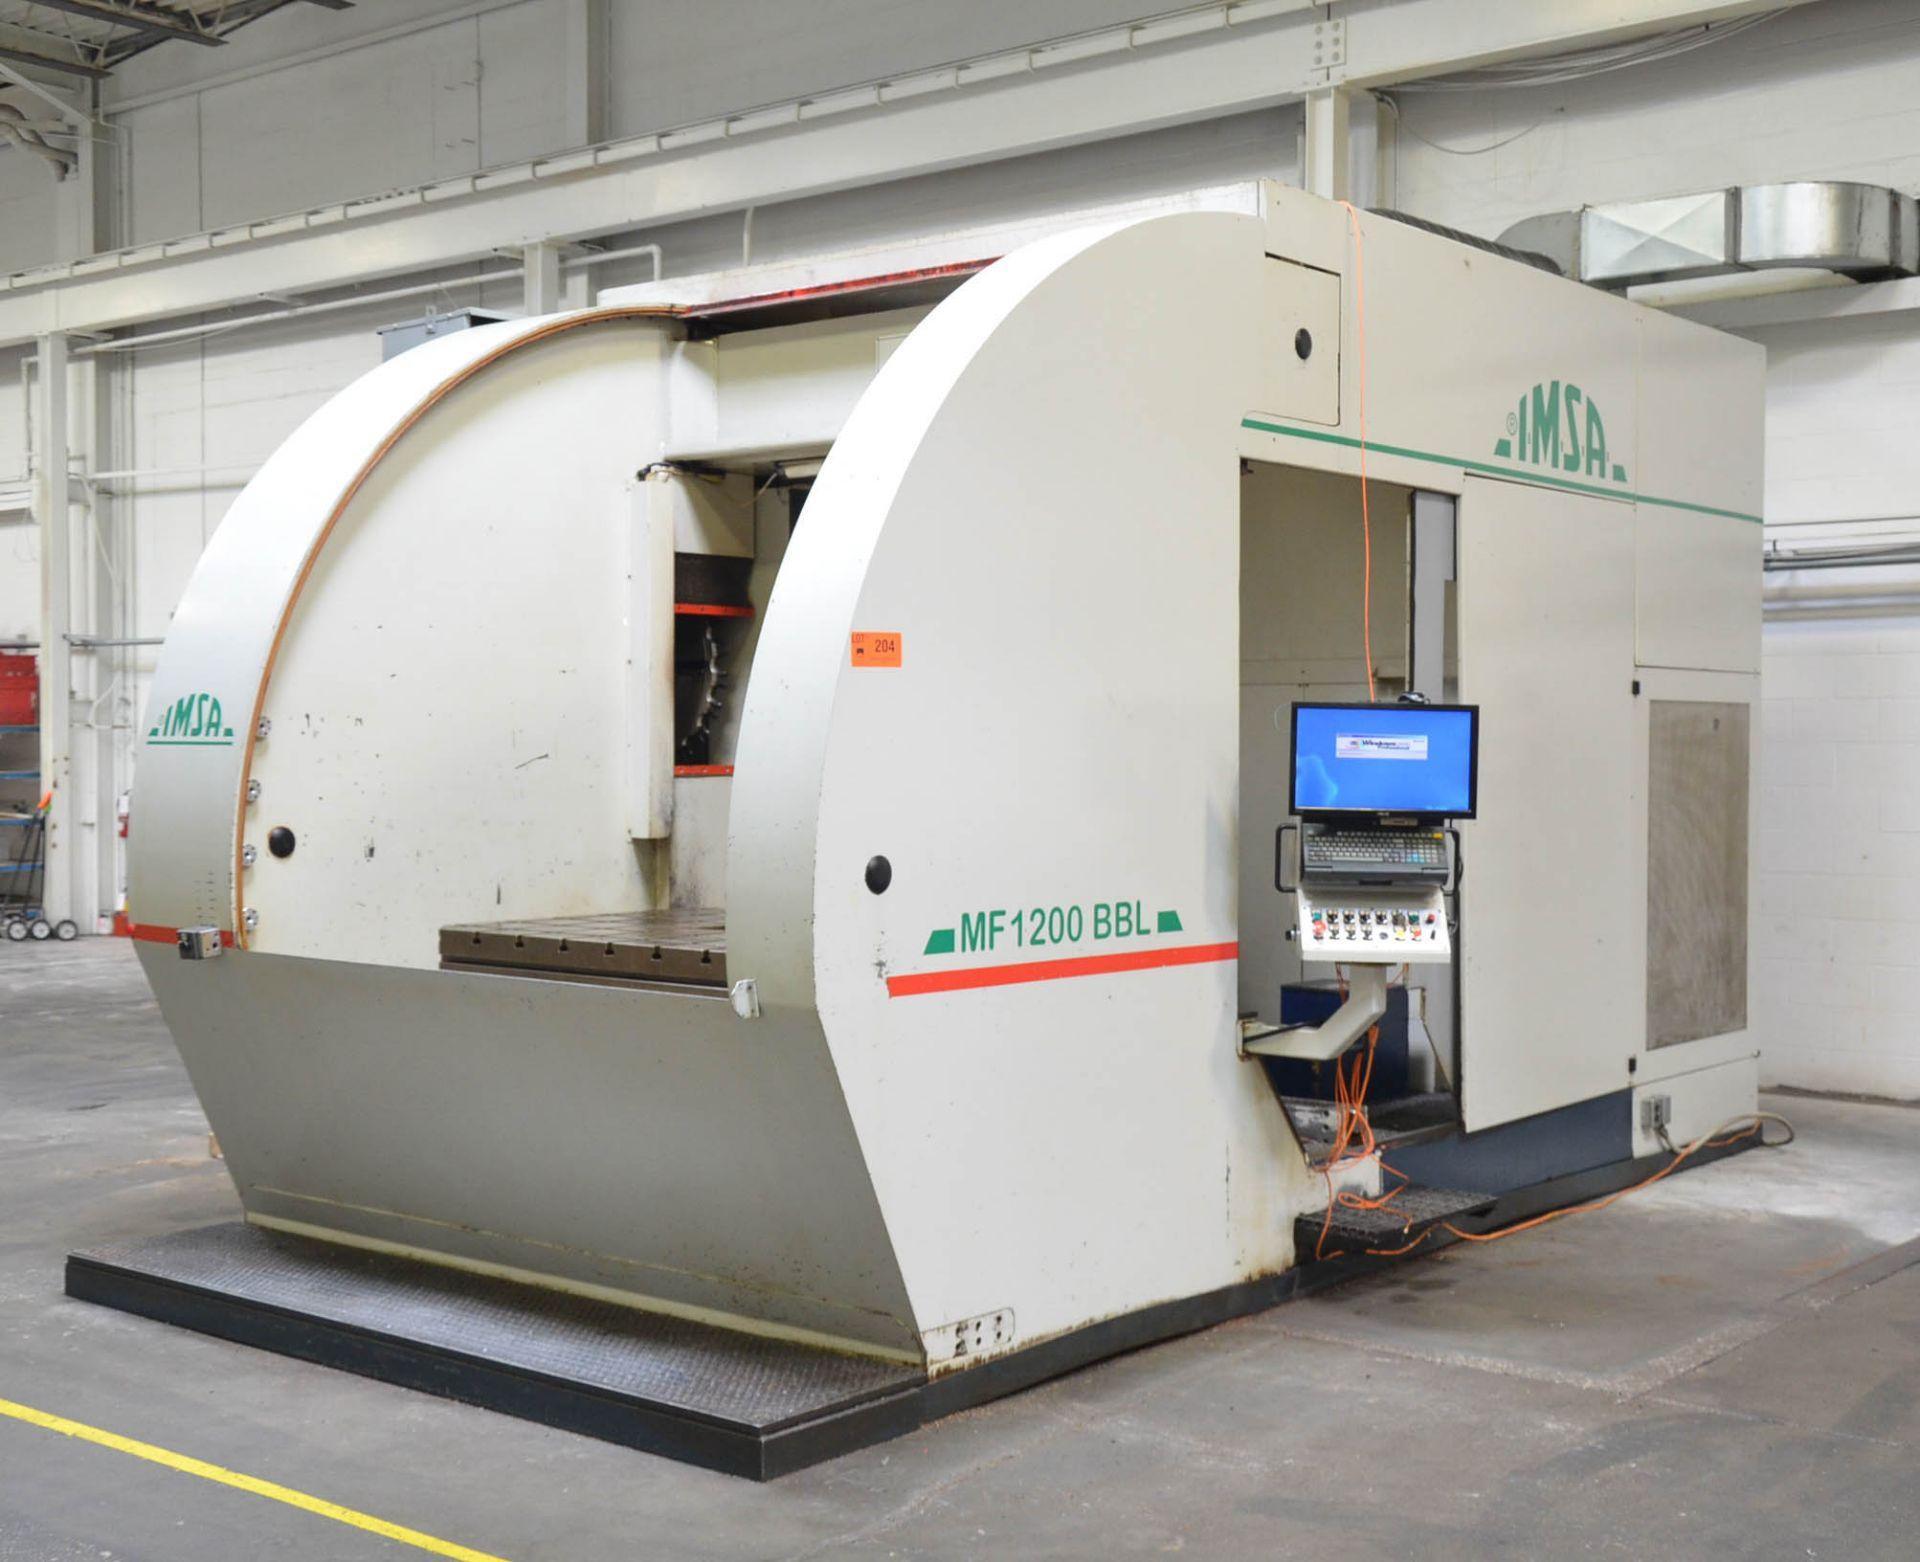 """IMSA (2006) MF 1000 - MF 1200 BB L CNC GUN DRILL WITH SELCA S4000 CNC CONTROL, 47.25"""" X 59"""" ROTARY - Image 2 of 8"""